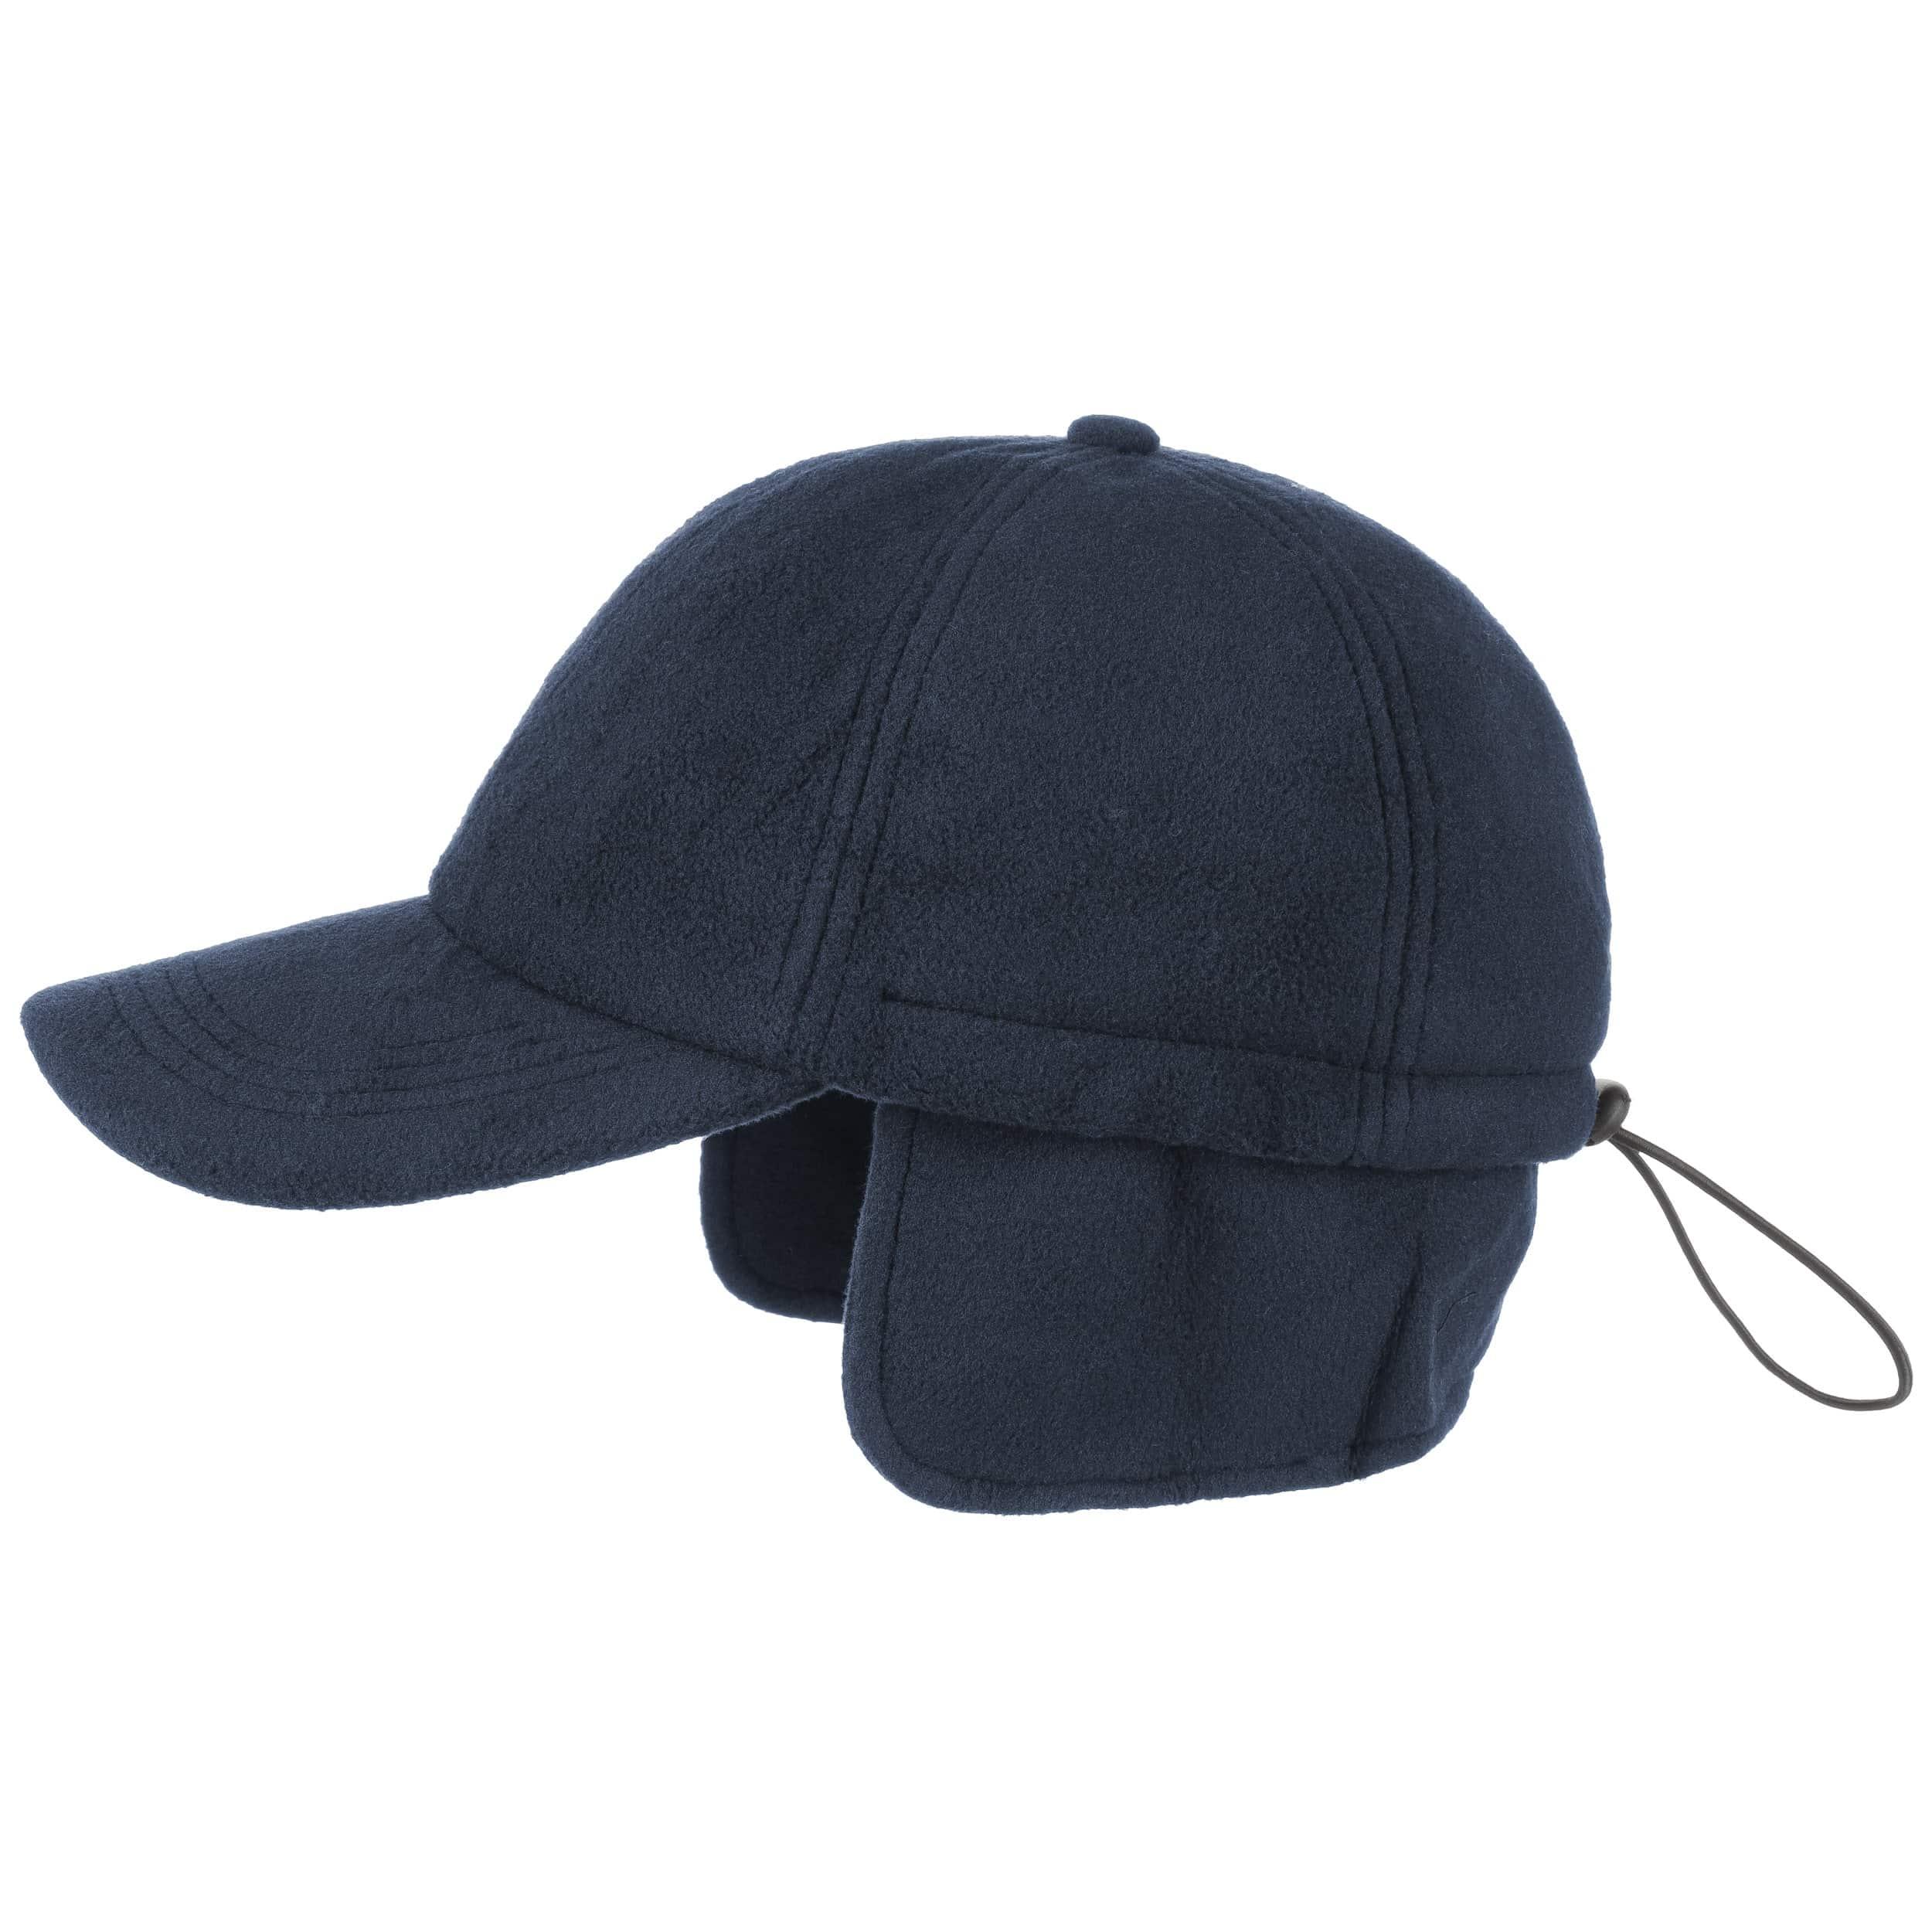 ... Snow Fleece Baseball Cap with Earflaps - blue 4 ... 306fbc4bd10